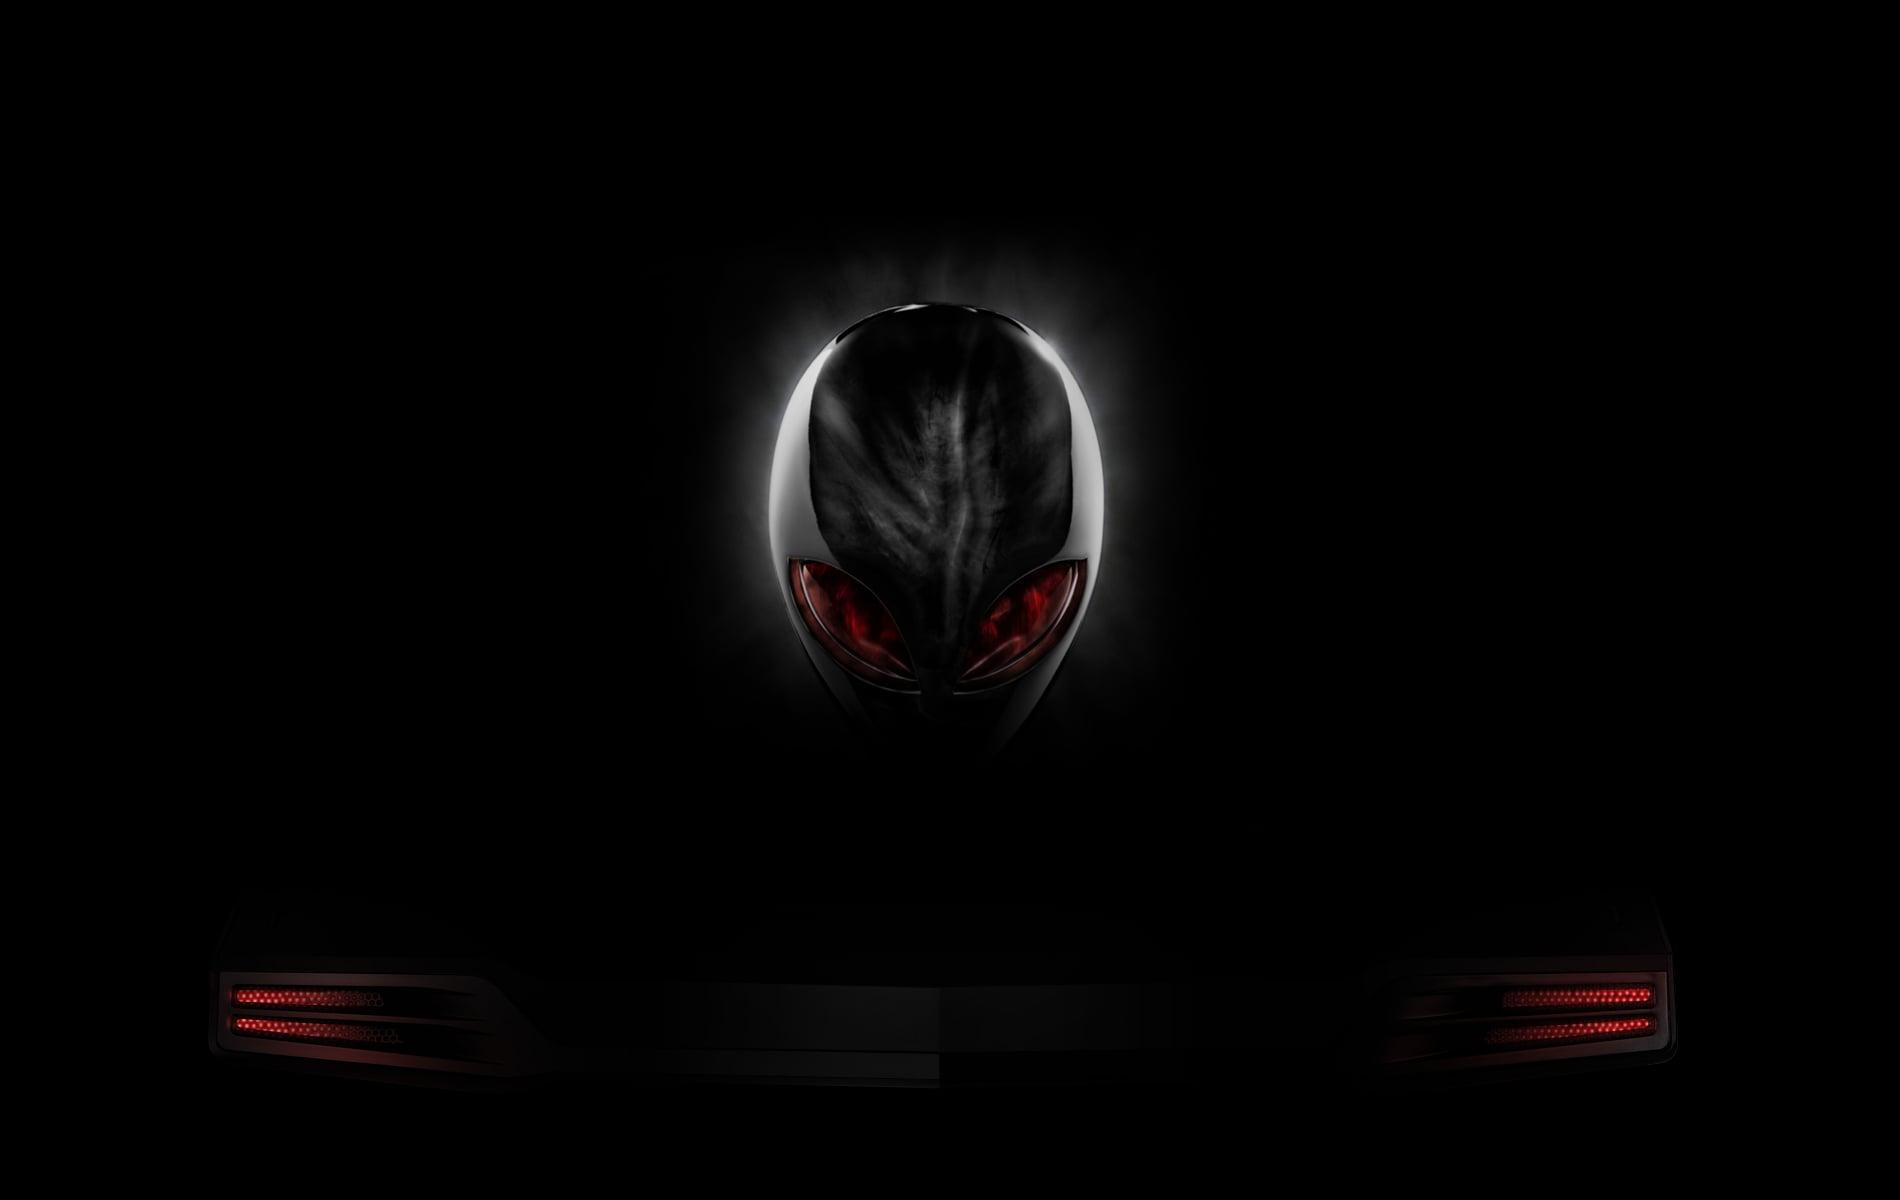 Alien Theme for 7